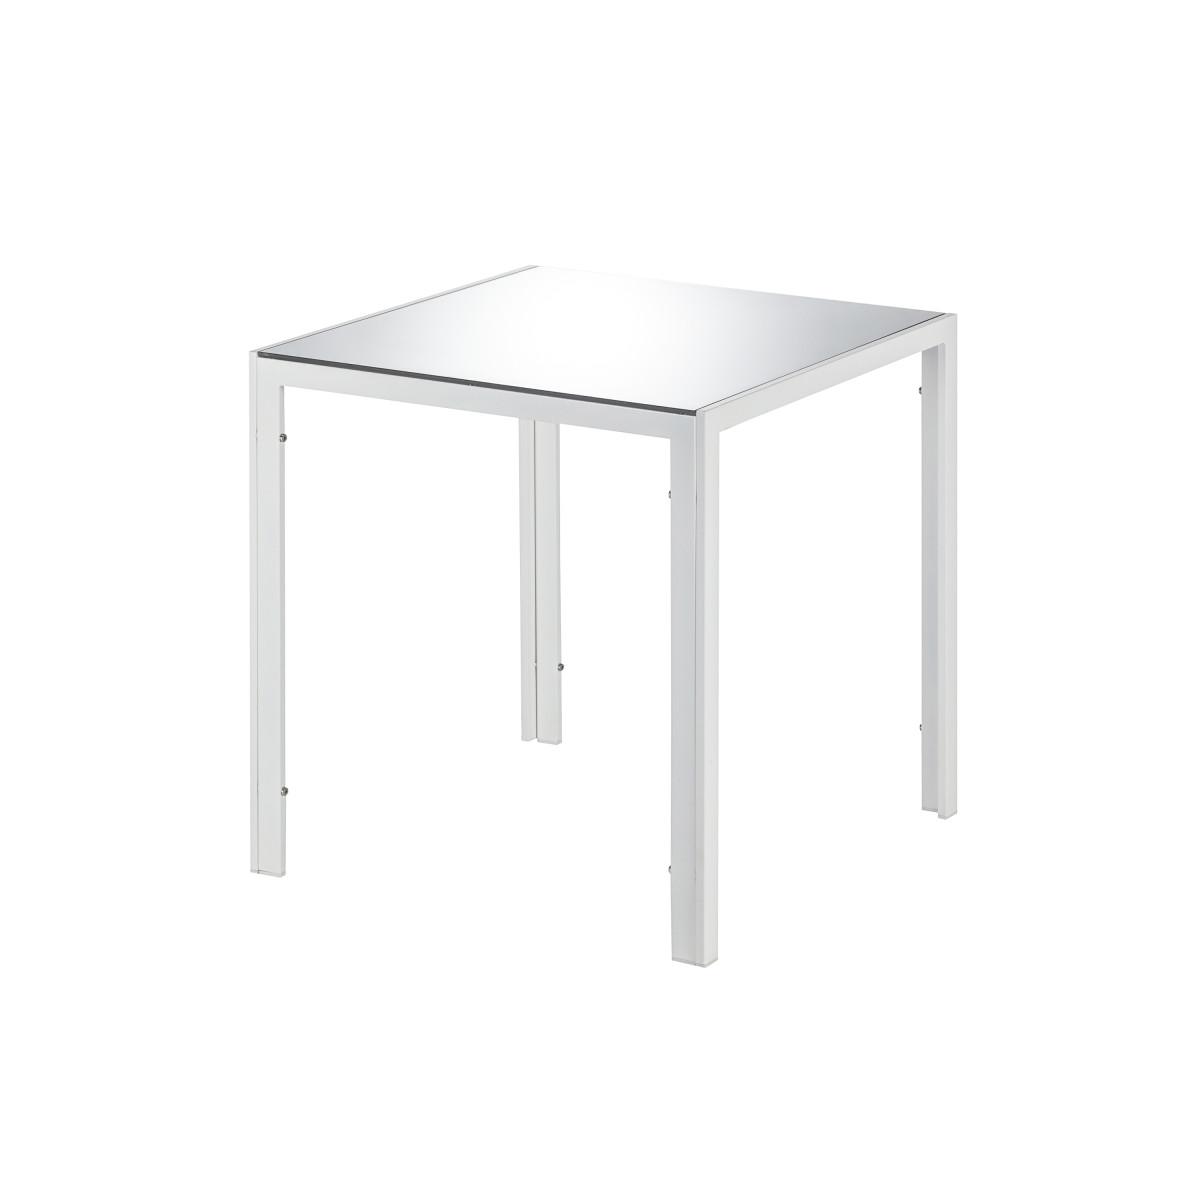 Стол садовый 70x70 см сталь/стекло цвет белый